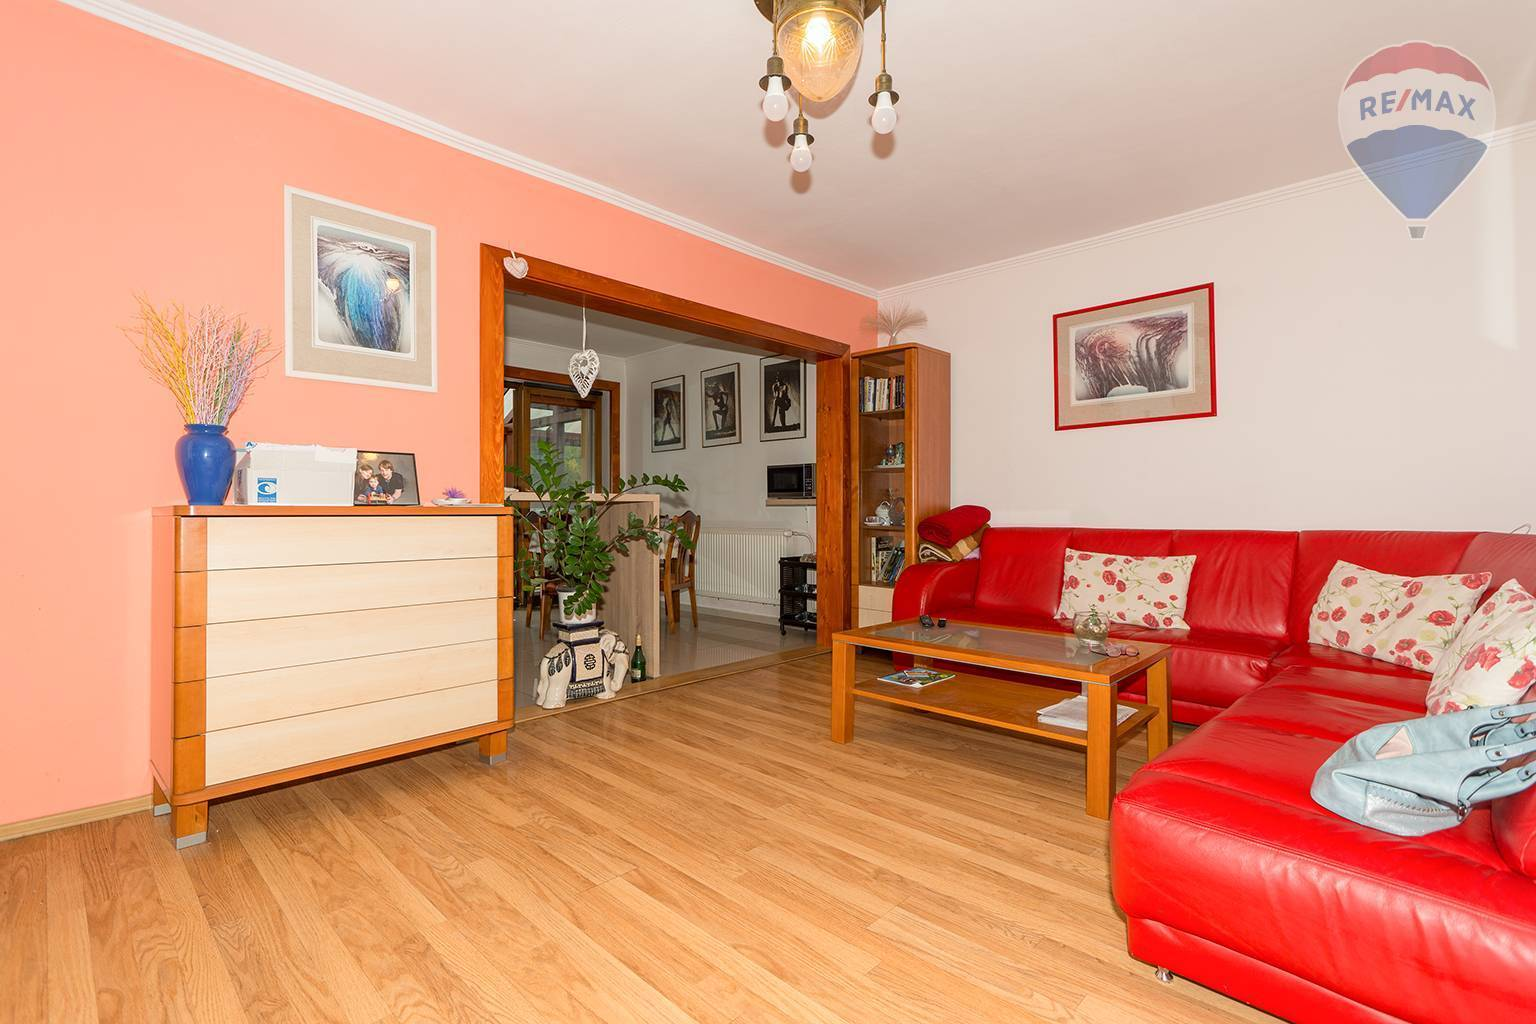 Predaj domu 160 m2, Liptovský Mikuláš - spoločenská miestnosť